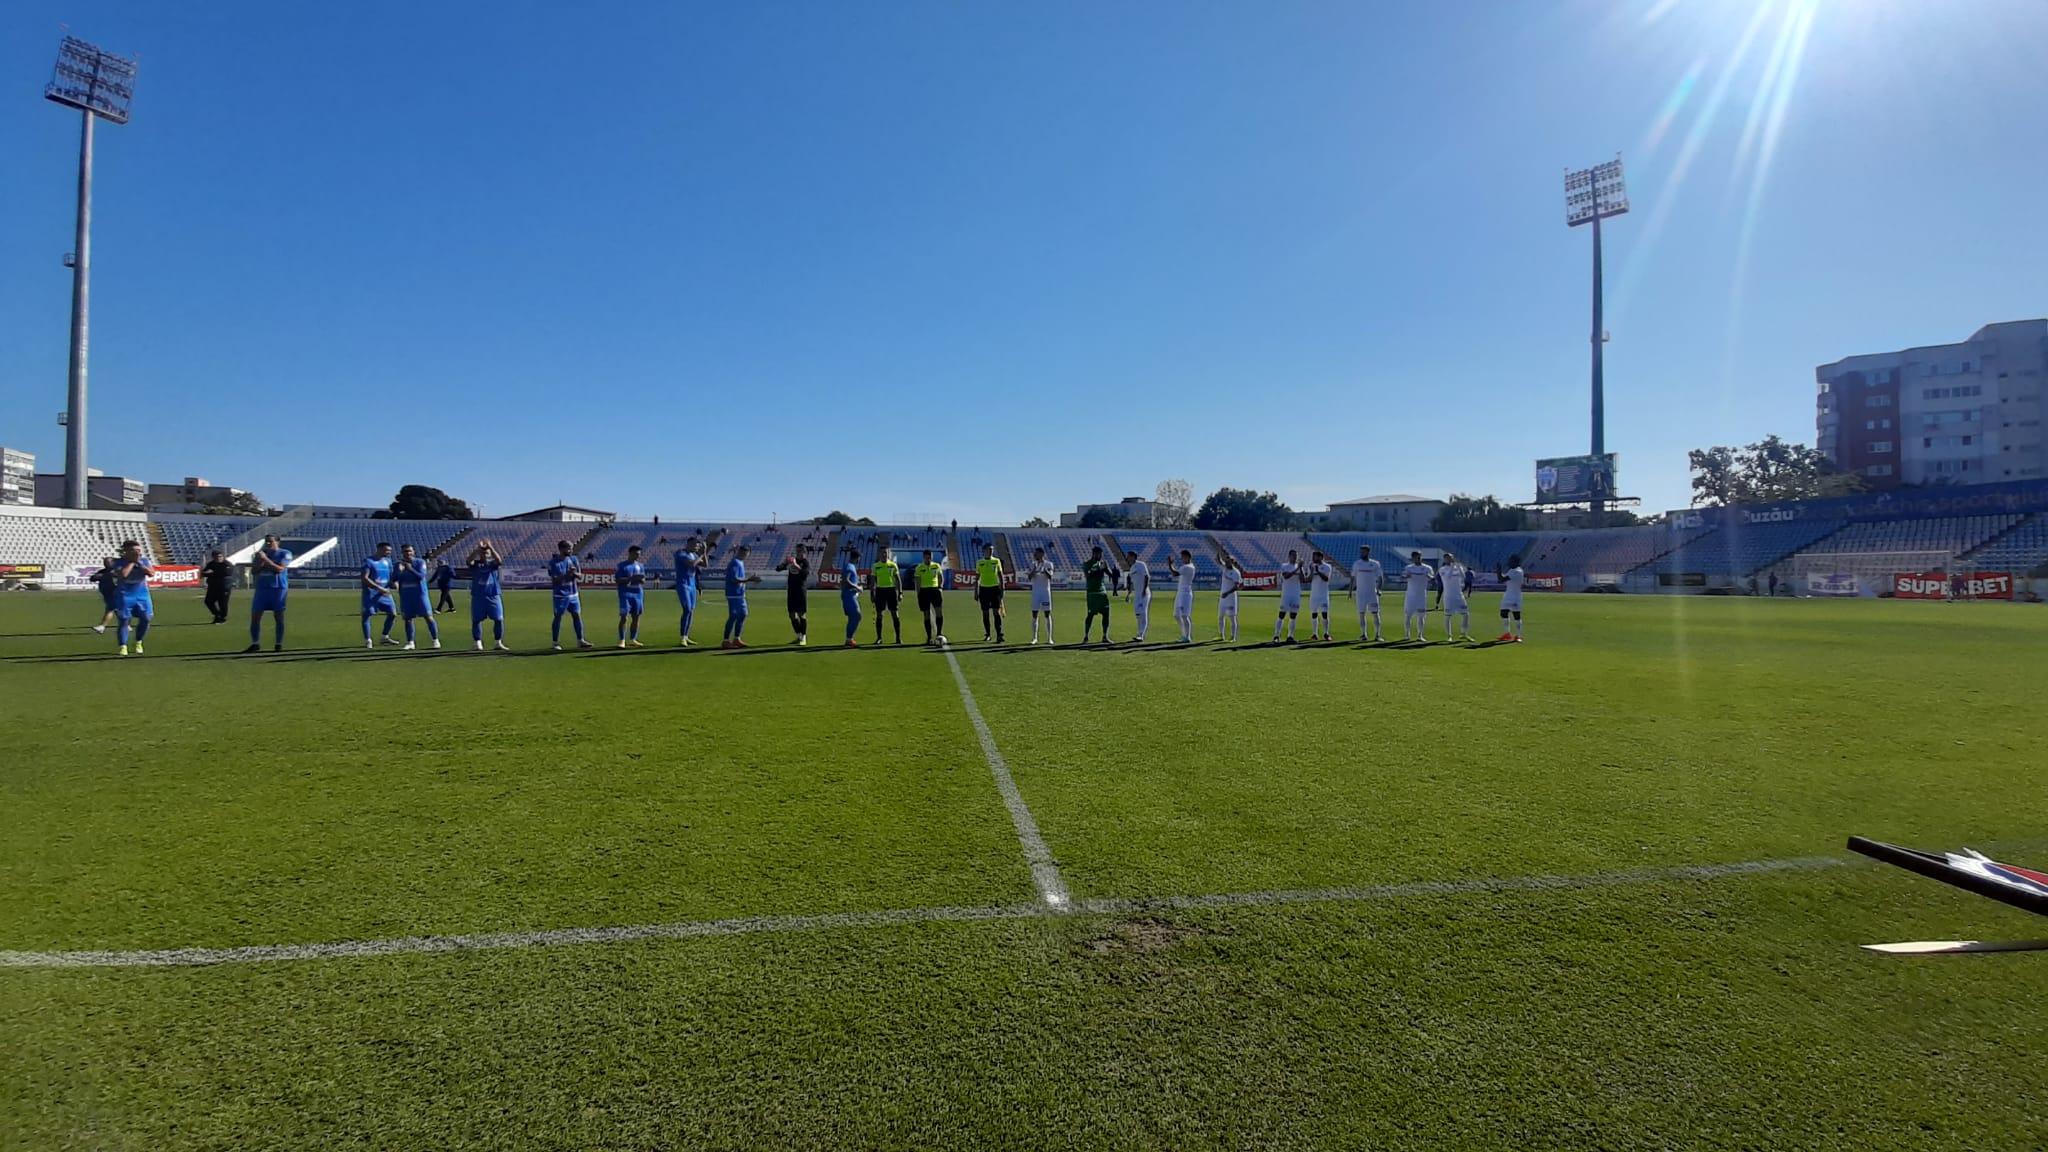 Doar egal, cu Viitorul Pandurii. FC Buzău n-a reușit să prelungească seria succeselor